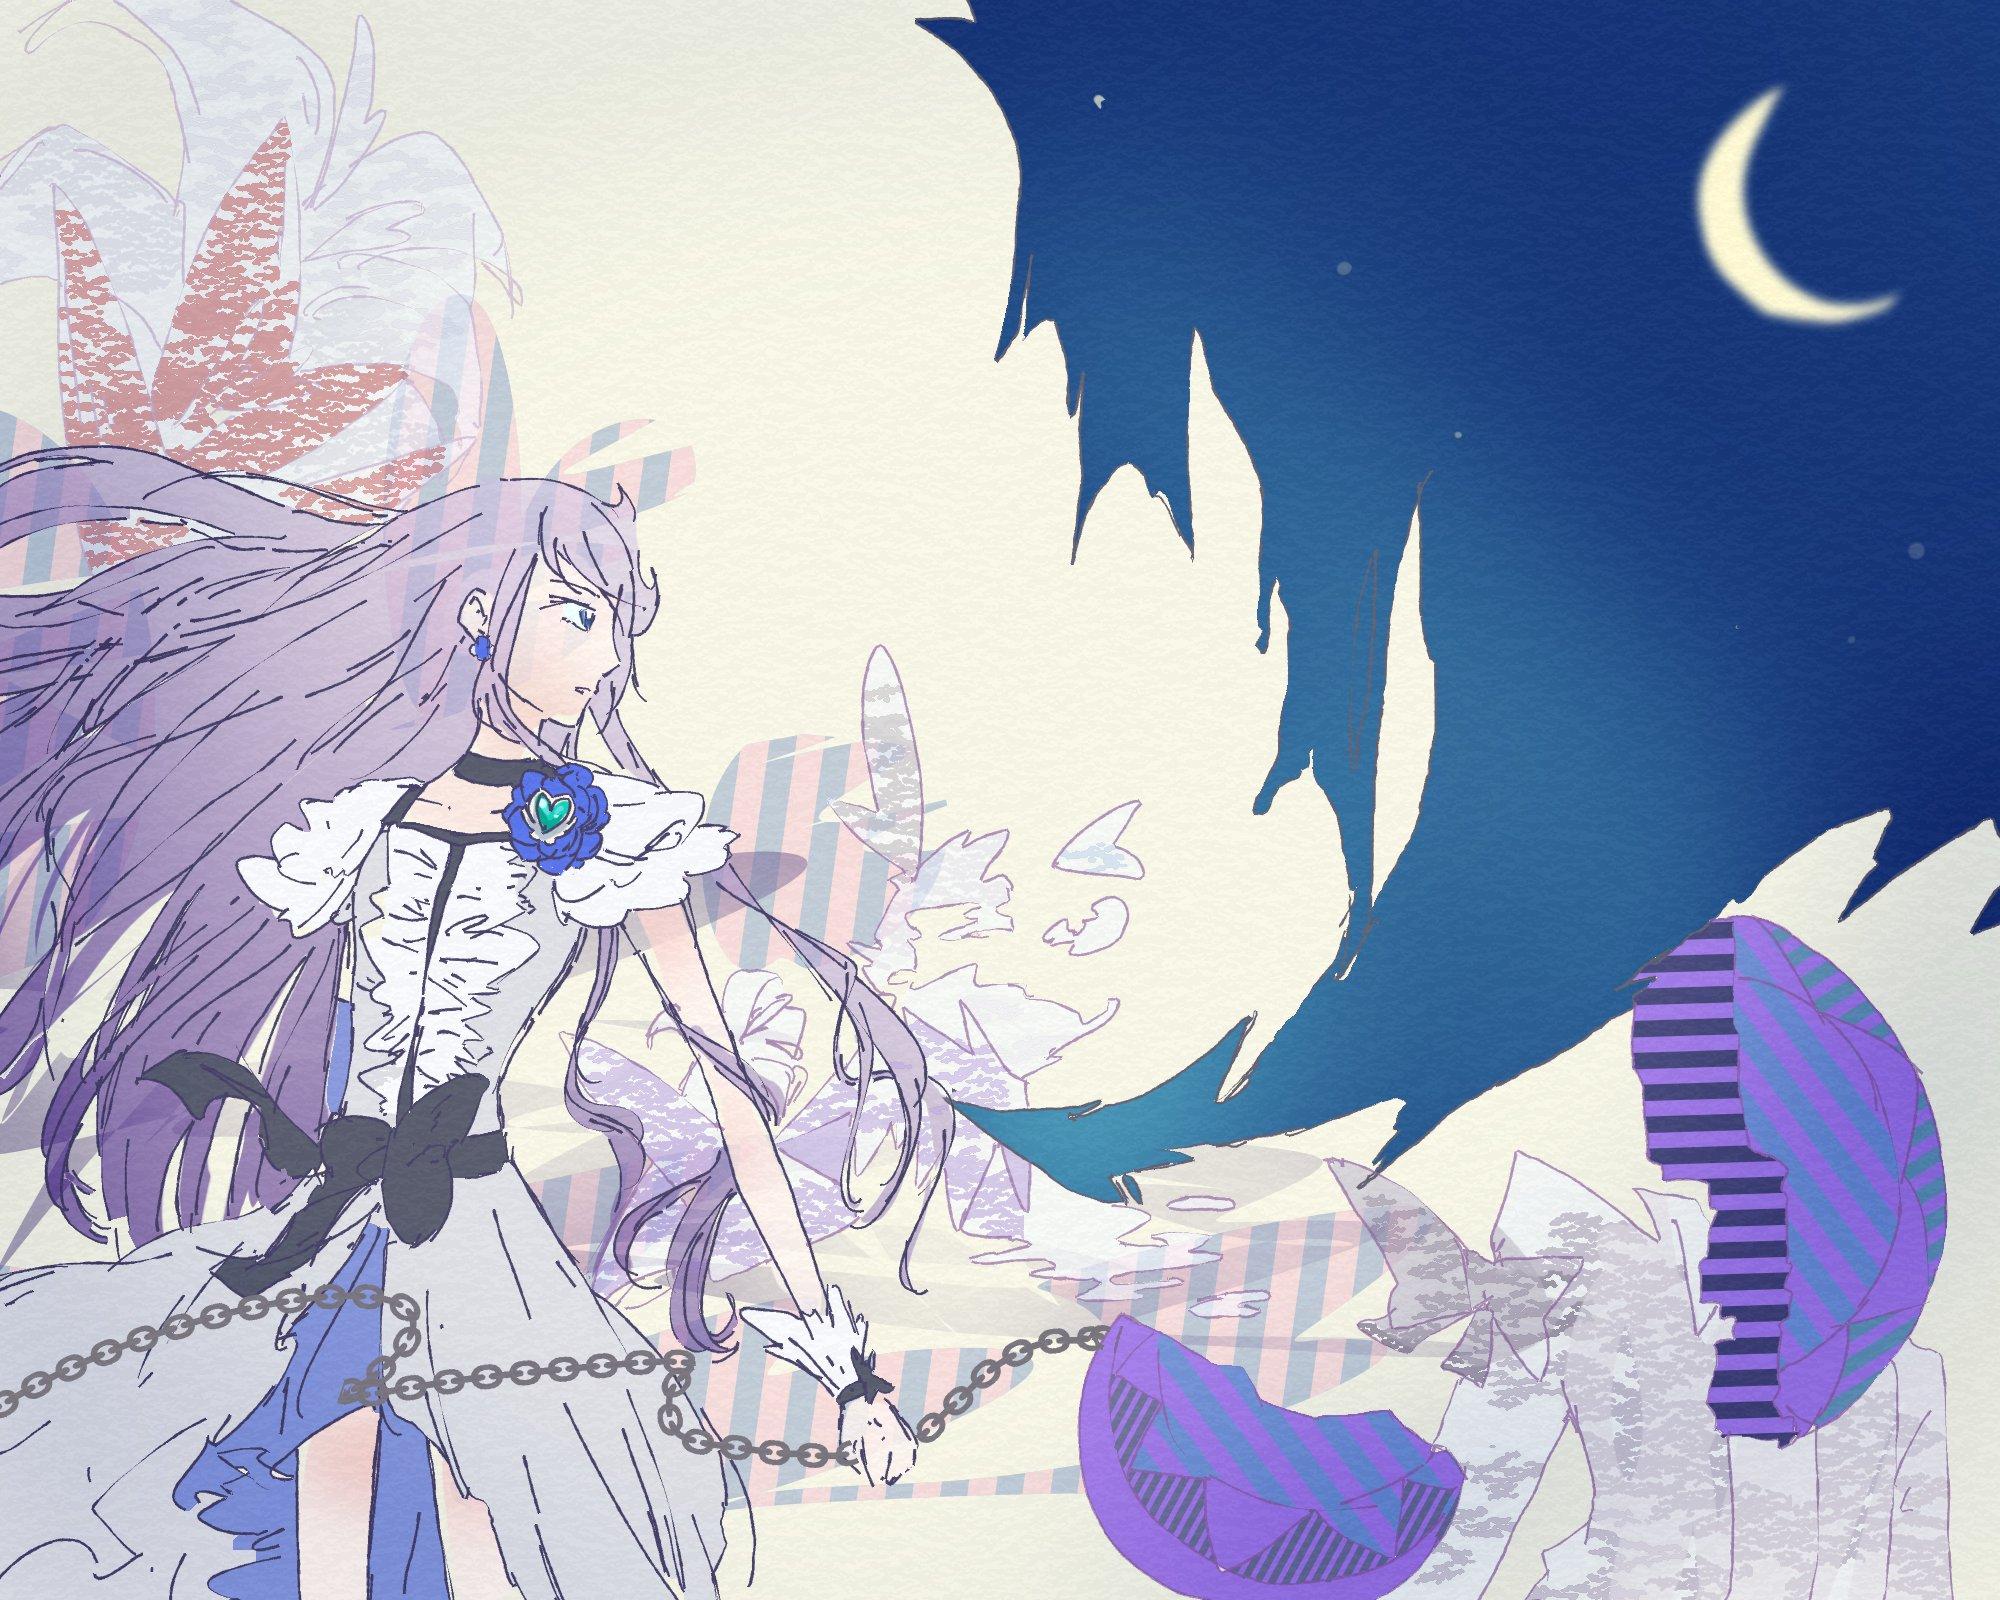 葵ずみ@テスト週間 (@eichinohikari)さんのイラスト